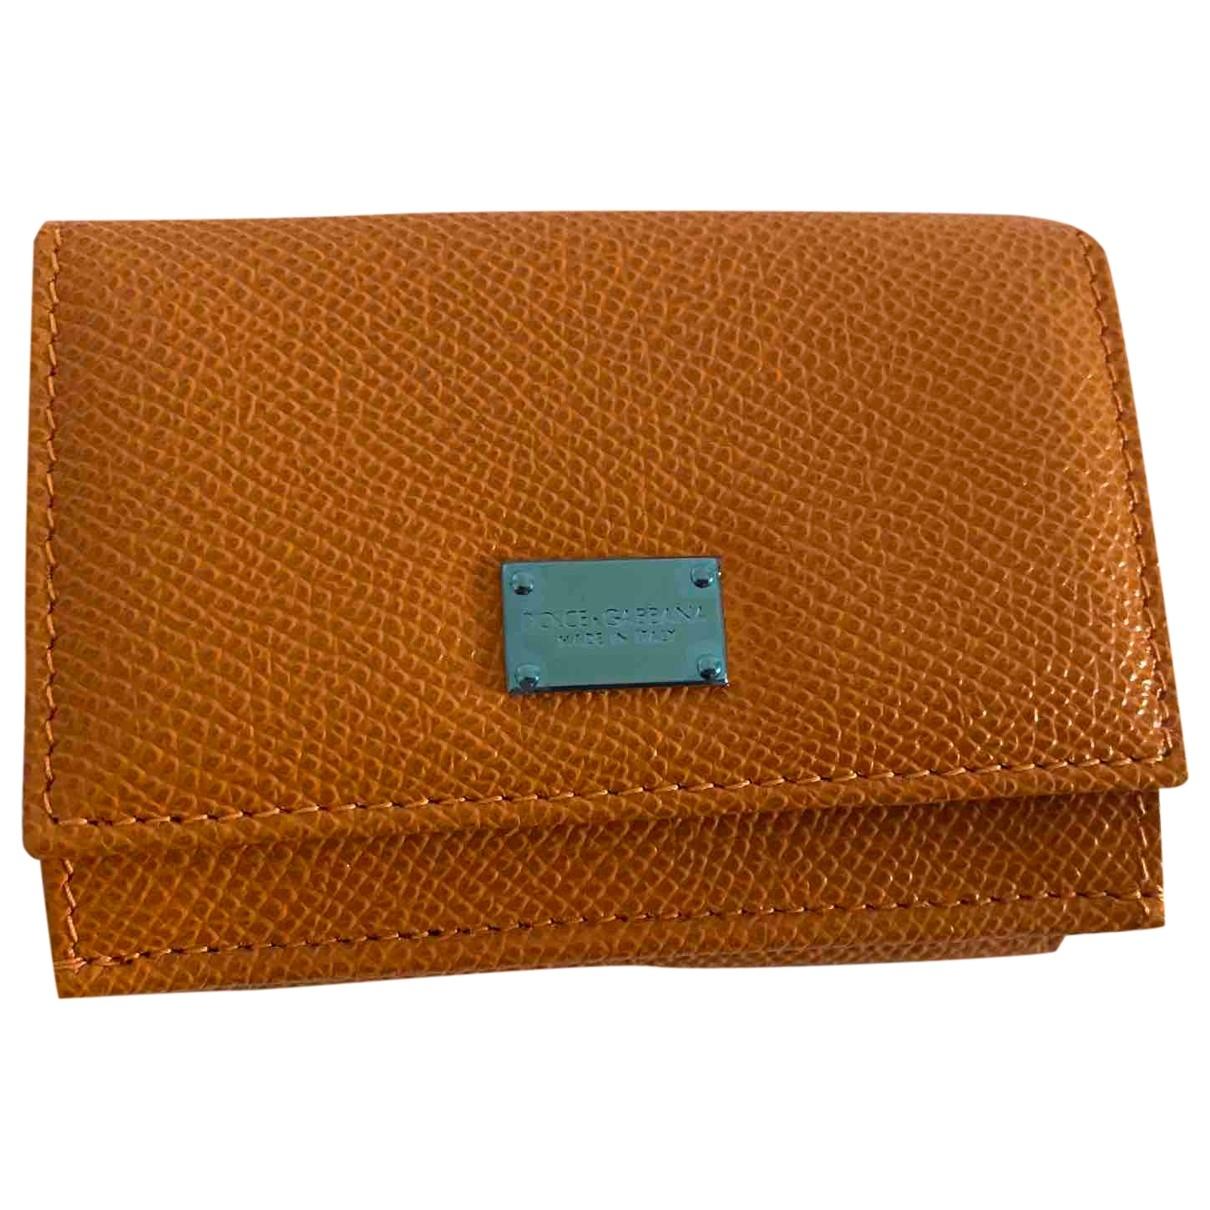 Dolce & Gabbana \N Orange Leather wallet for Women \N